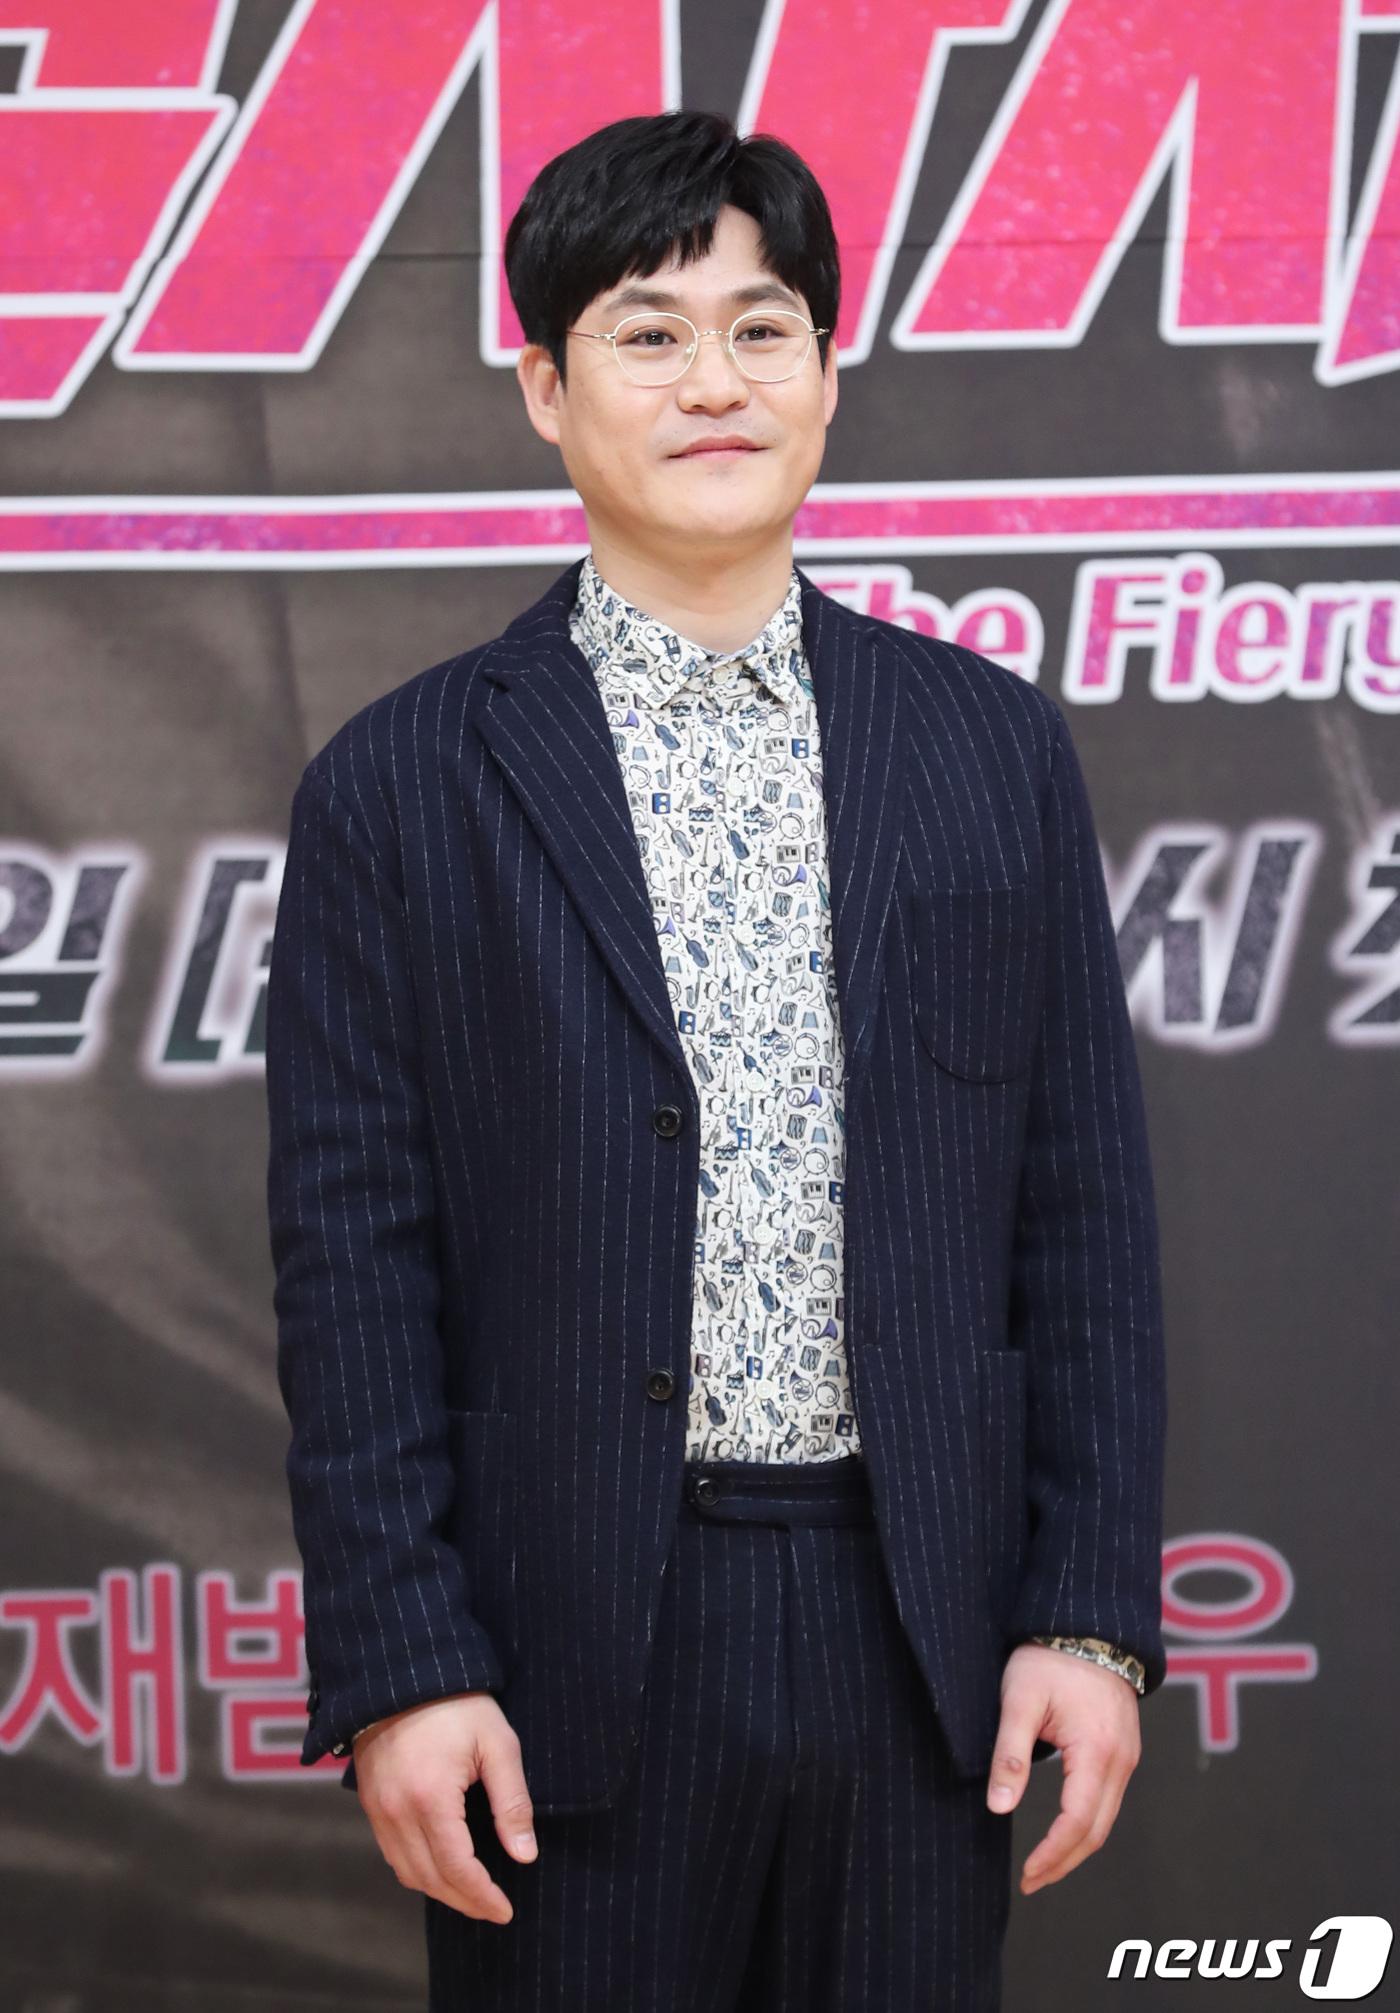 [단독] '믿보배' 김성균, 넷플릭스 'D.P'로 드라마 복귀..정해인과 호흡 | 인스티즈